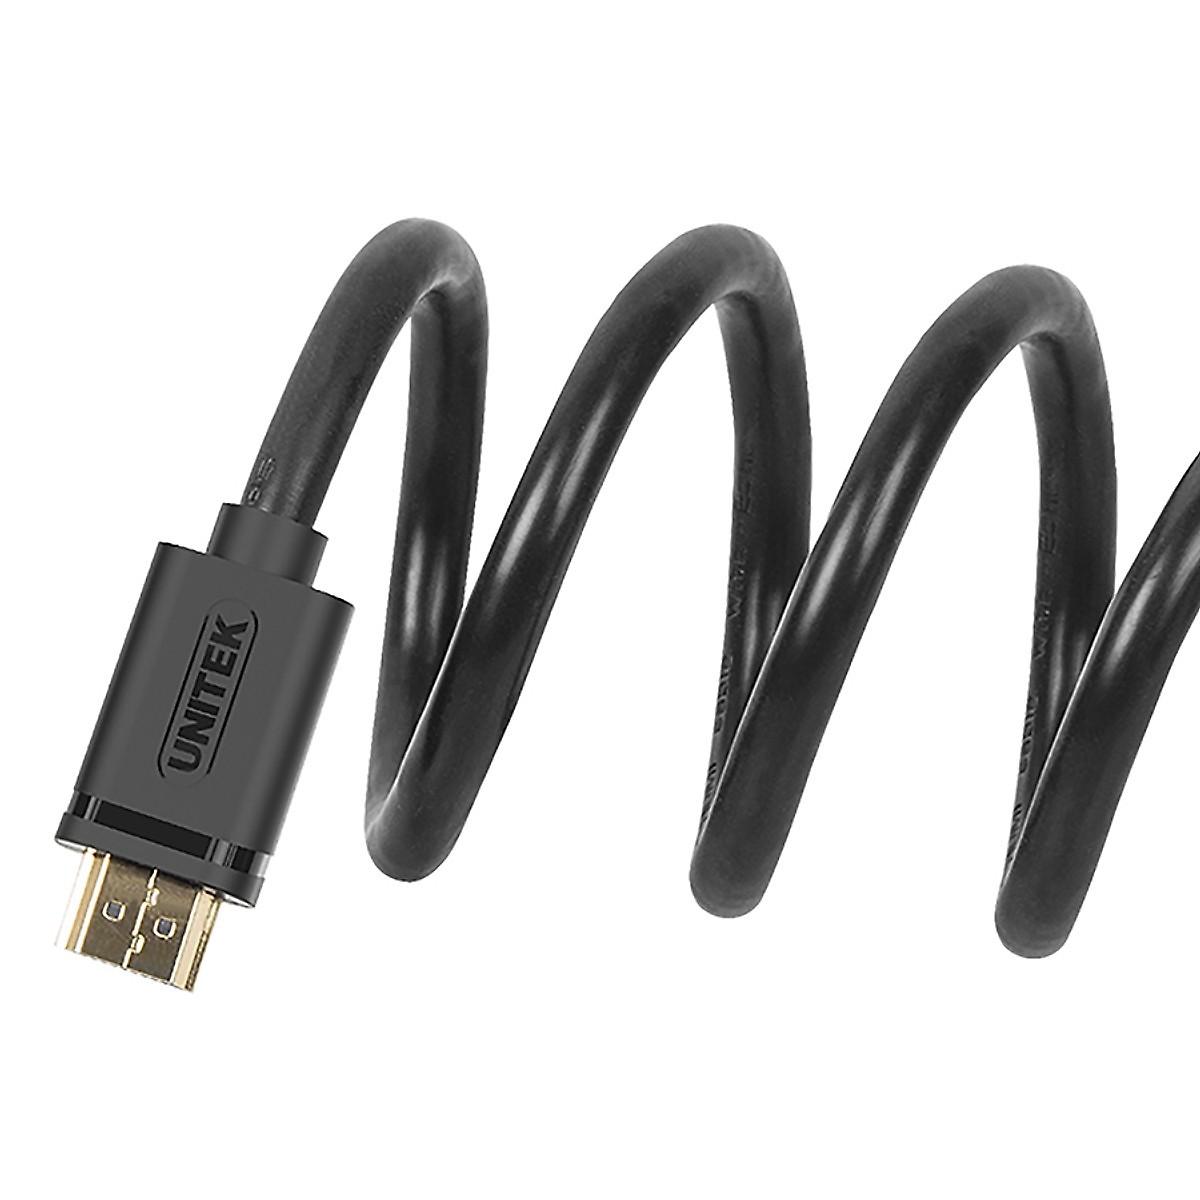 Dây cáp HDMI Unitek 3m Full HD độ phân giải 4K - Hàng Chính Hãng